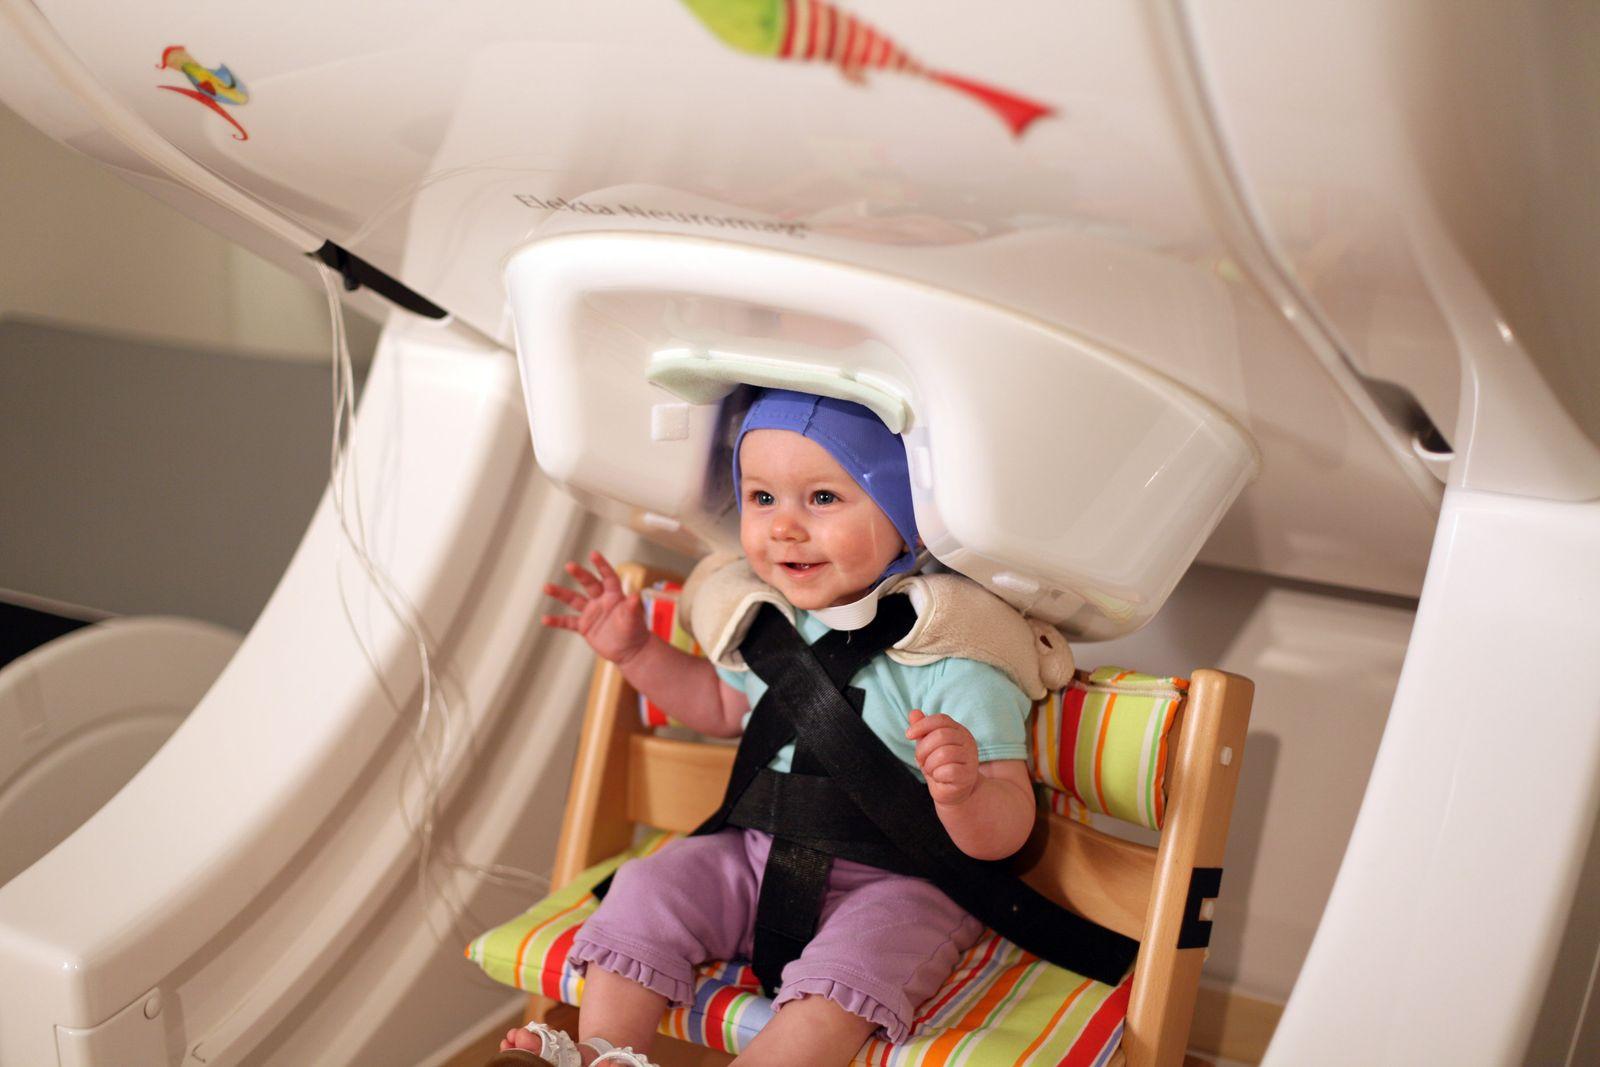 Hirnscanner / Kinder